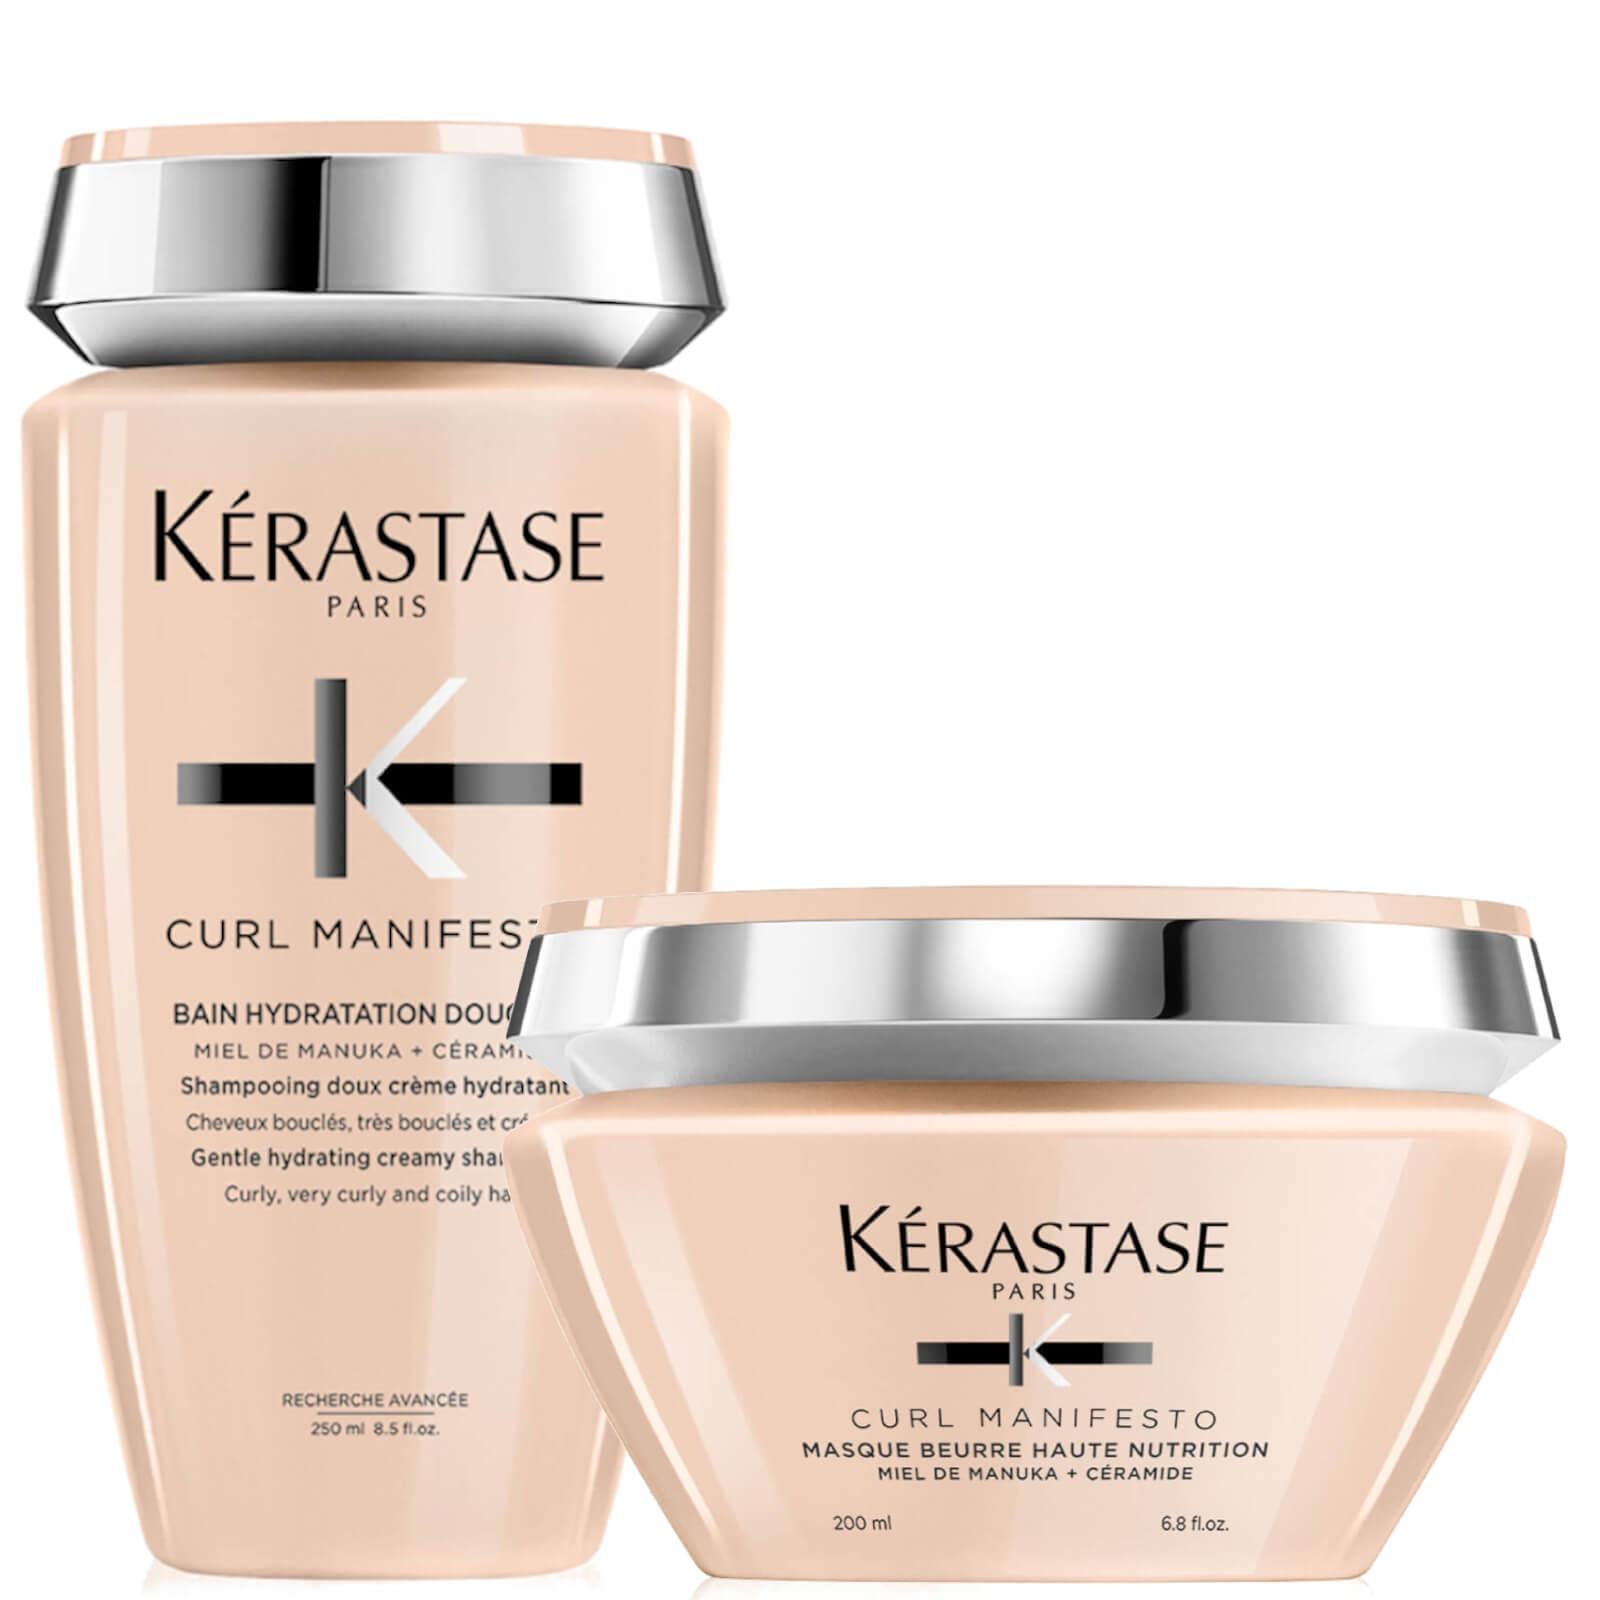 Kérastase Coily Hair Duos Bundle